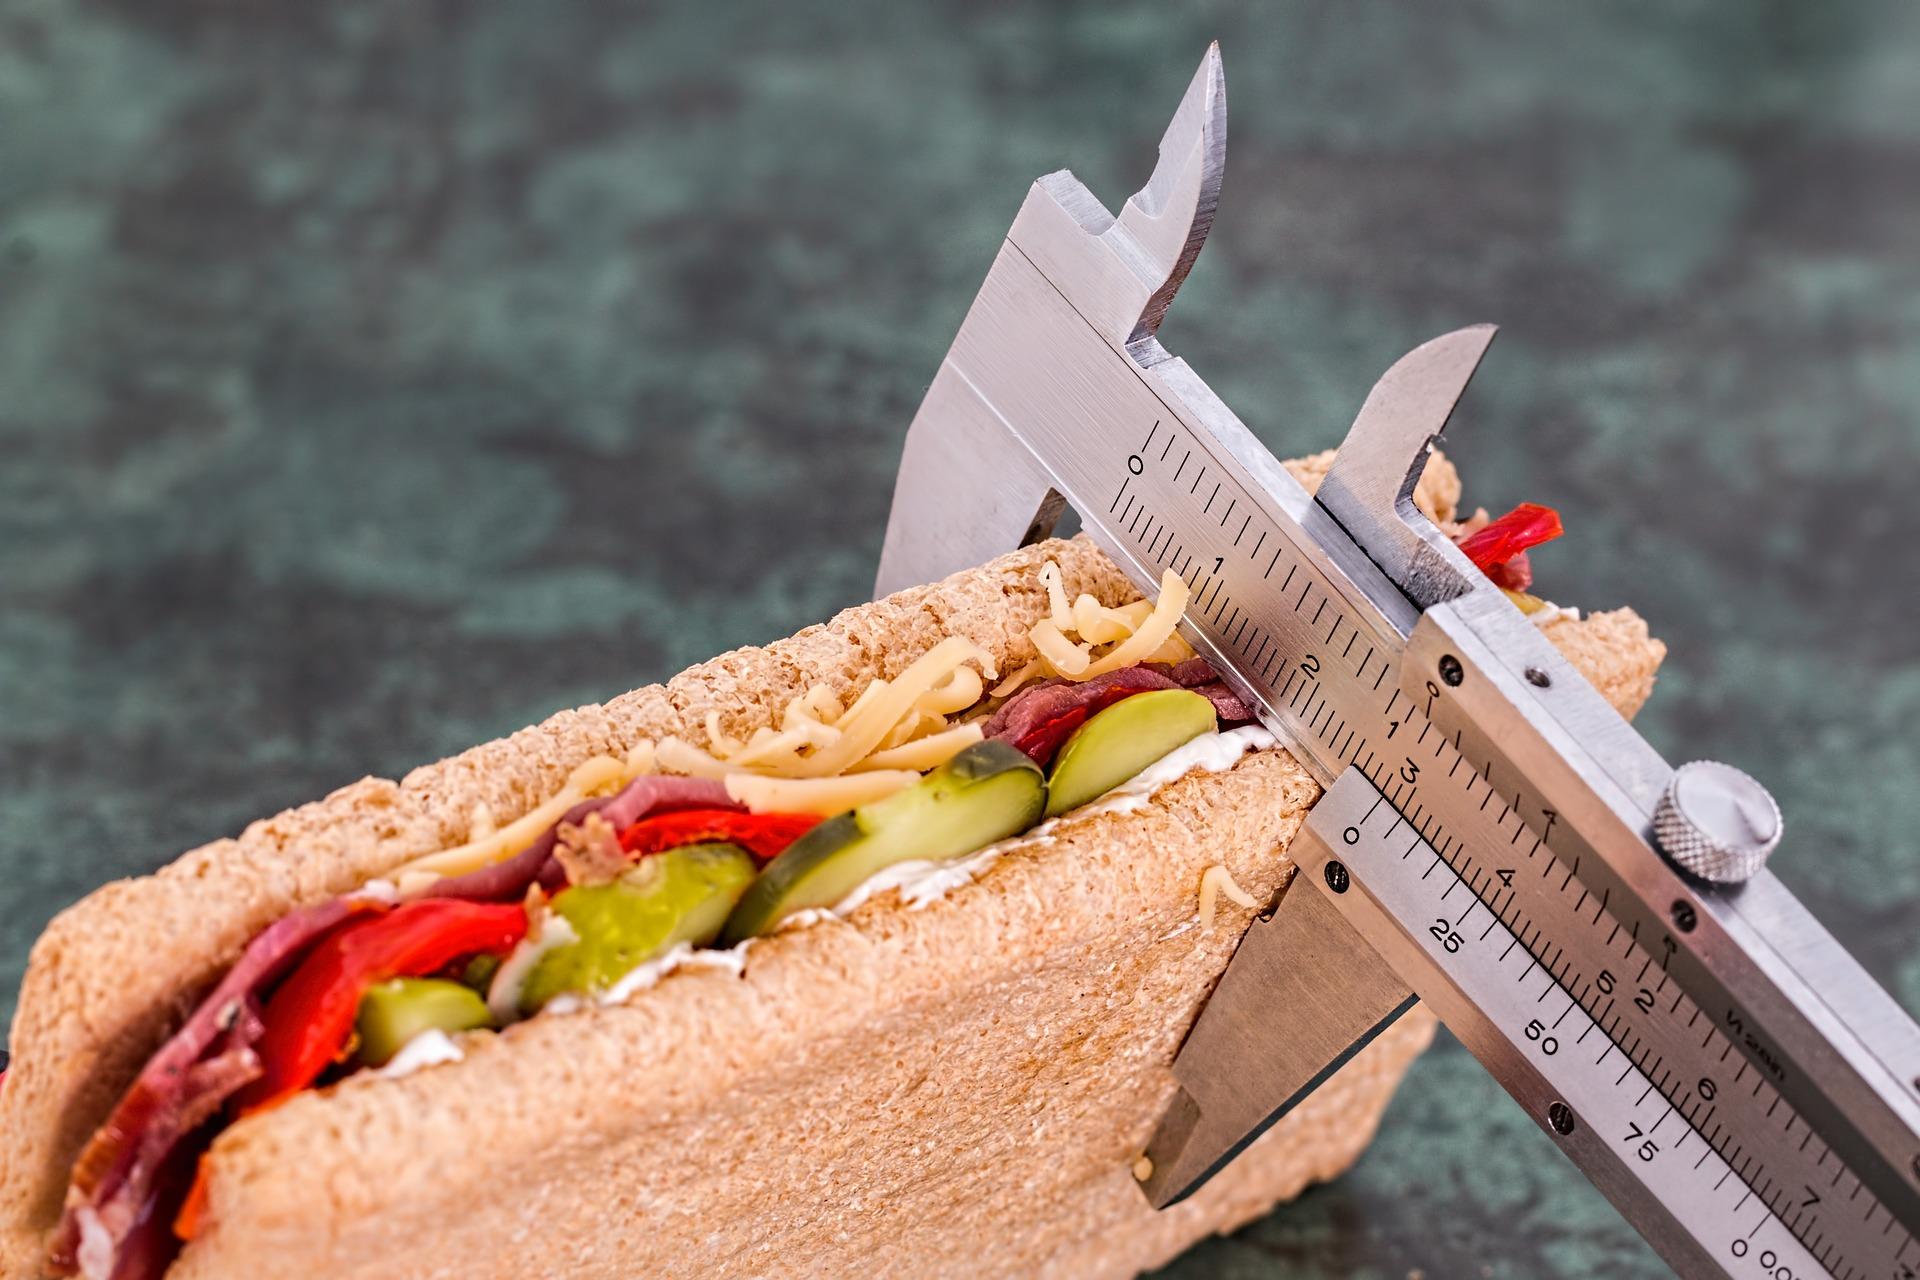 Ernährungsberatung mit BIA und Antioxidantienmessung